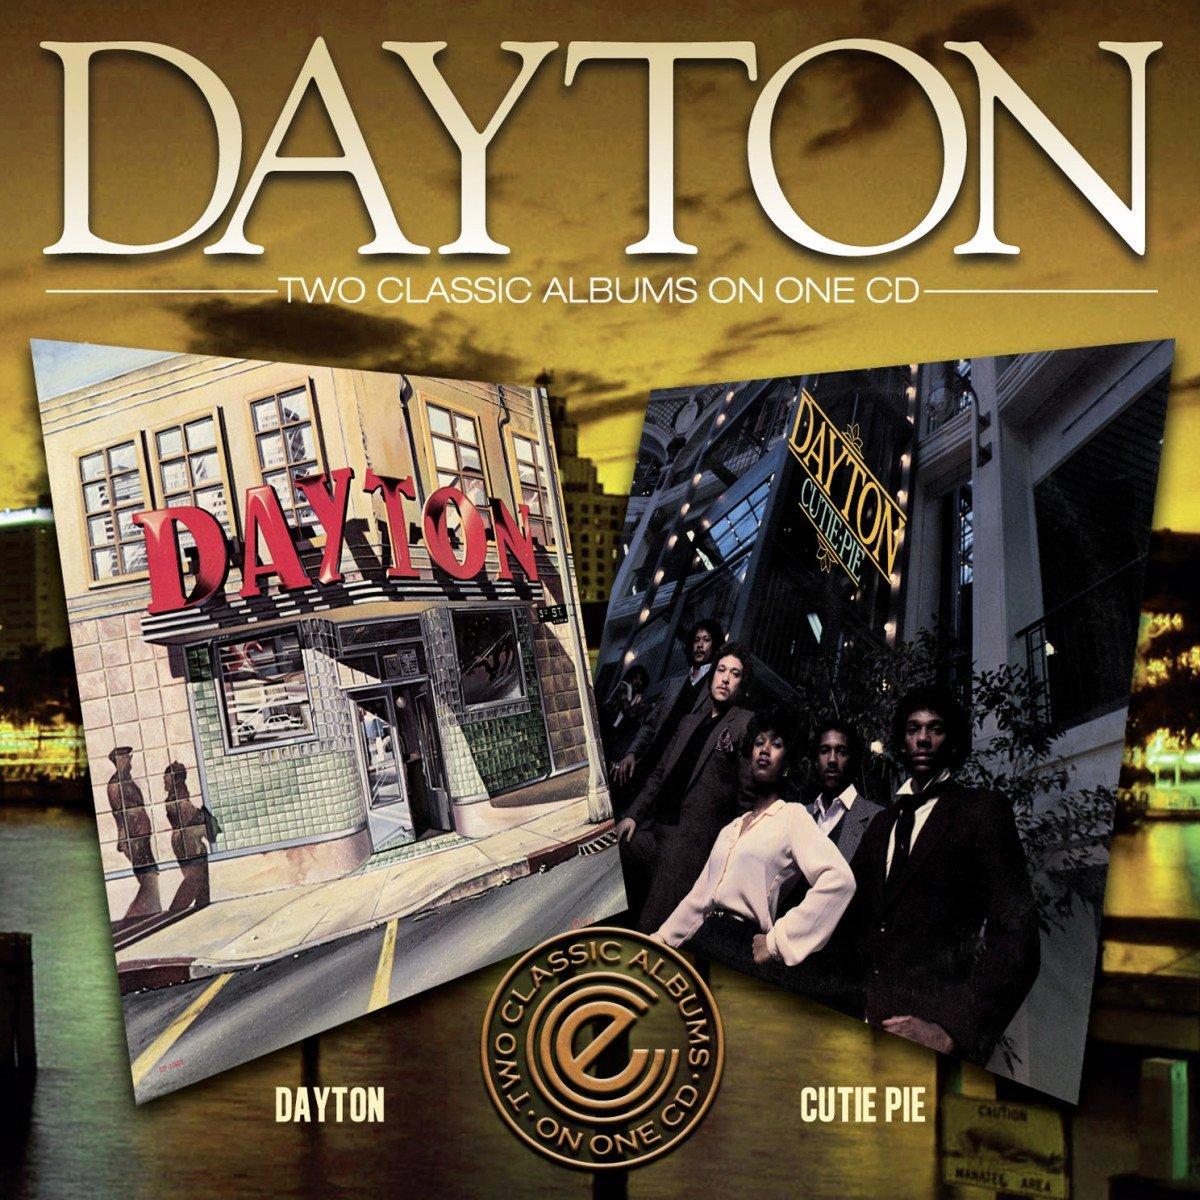 Dayton – Dayton / Cutie Pie CD